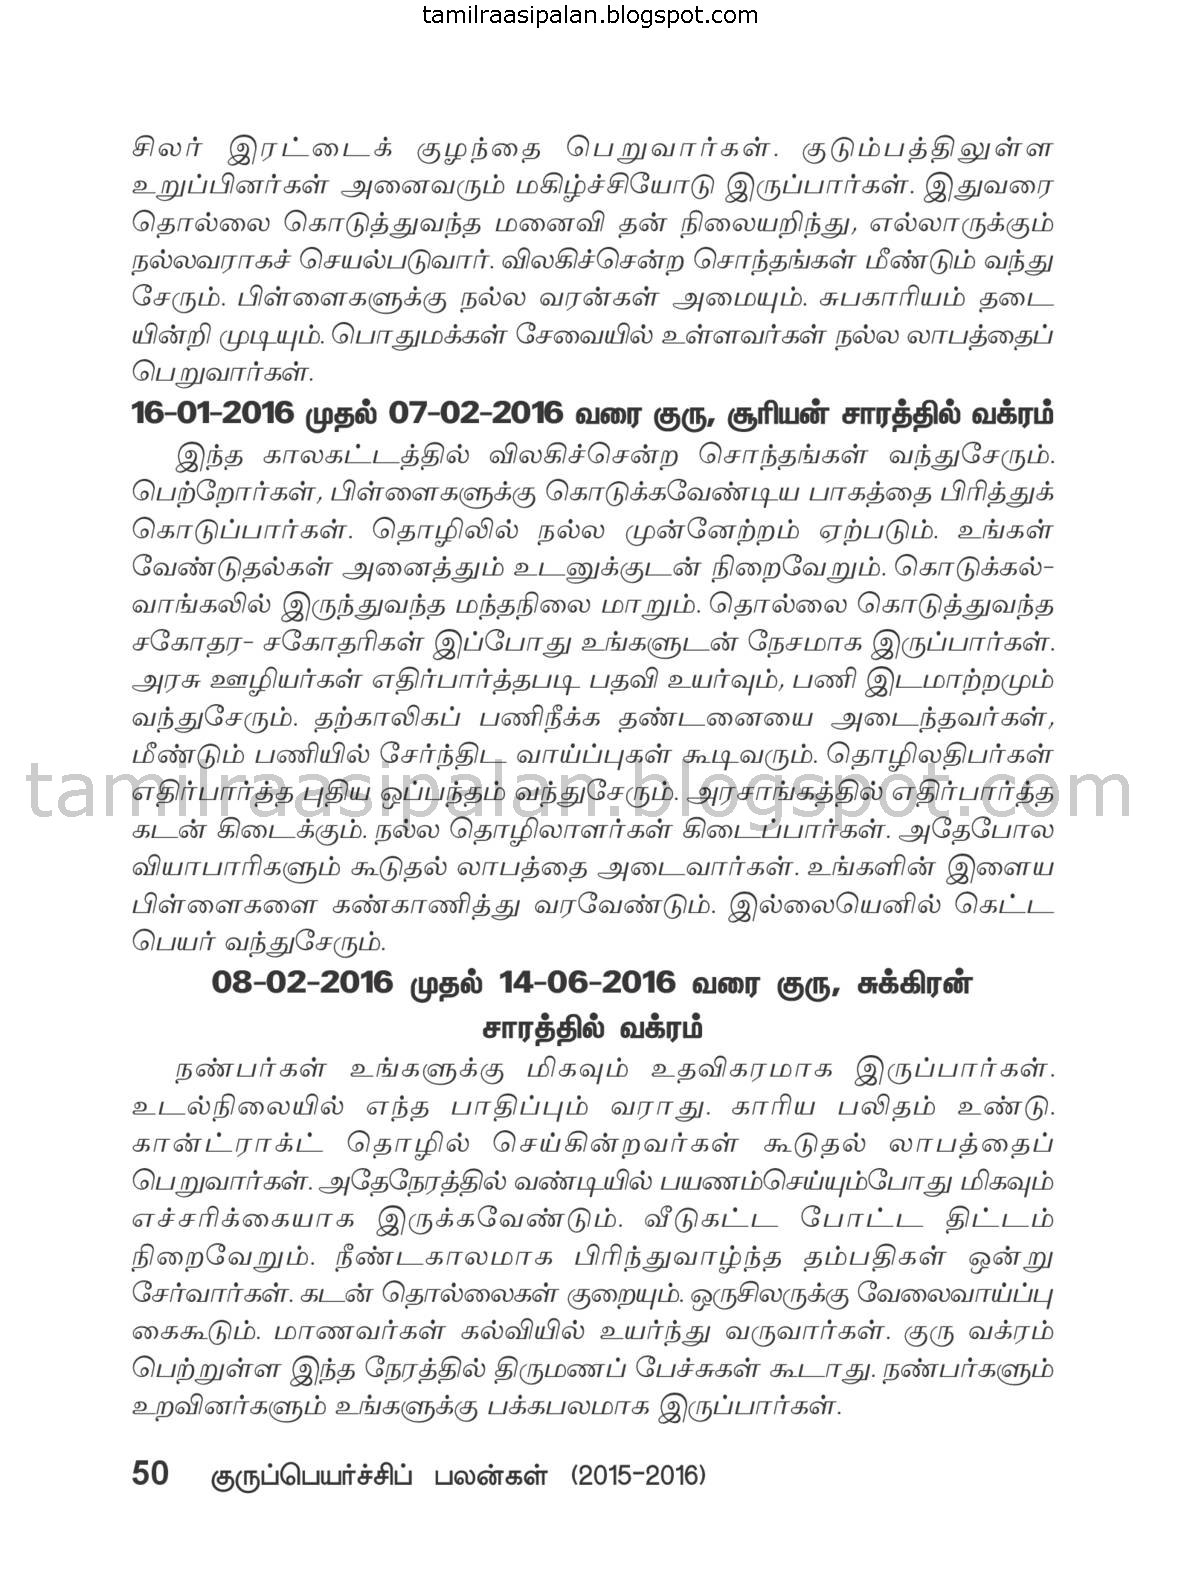 telugu rasi phalalu 2018 to 2019 mulugu pdf